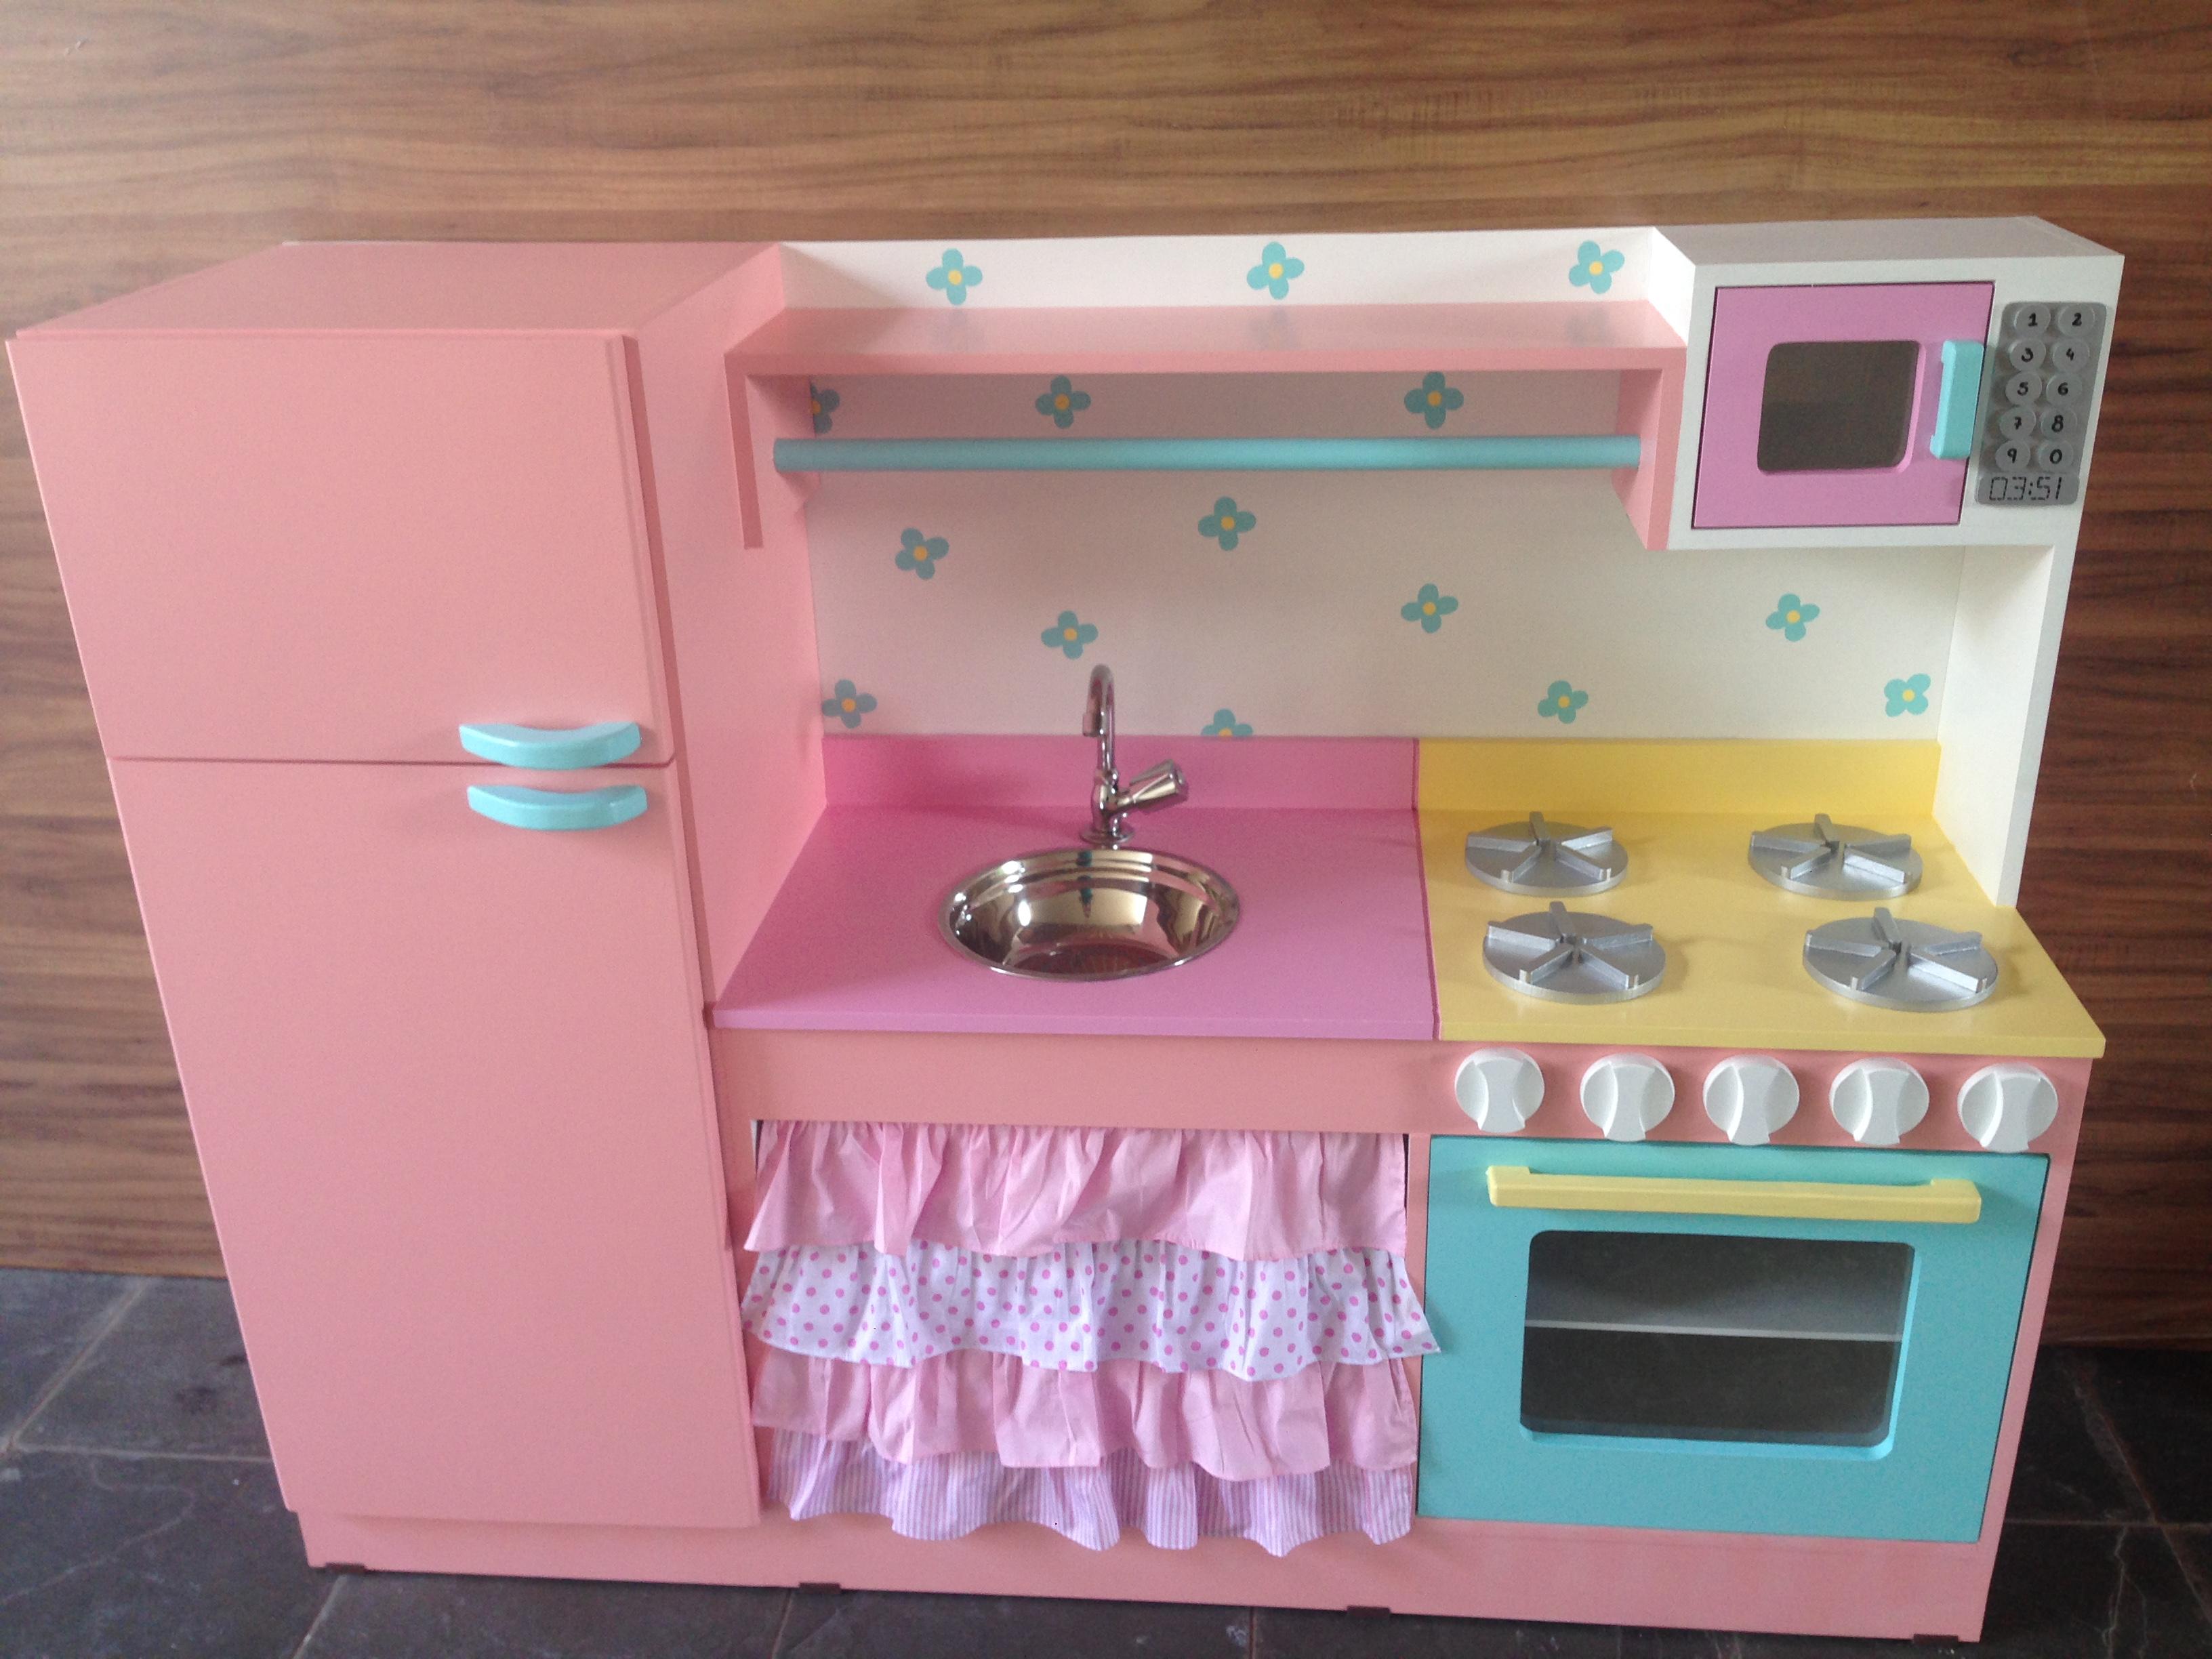 Cozinha Infantil Integrada Helena No Elo7 Ateli Nelma Almeida